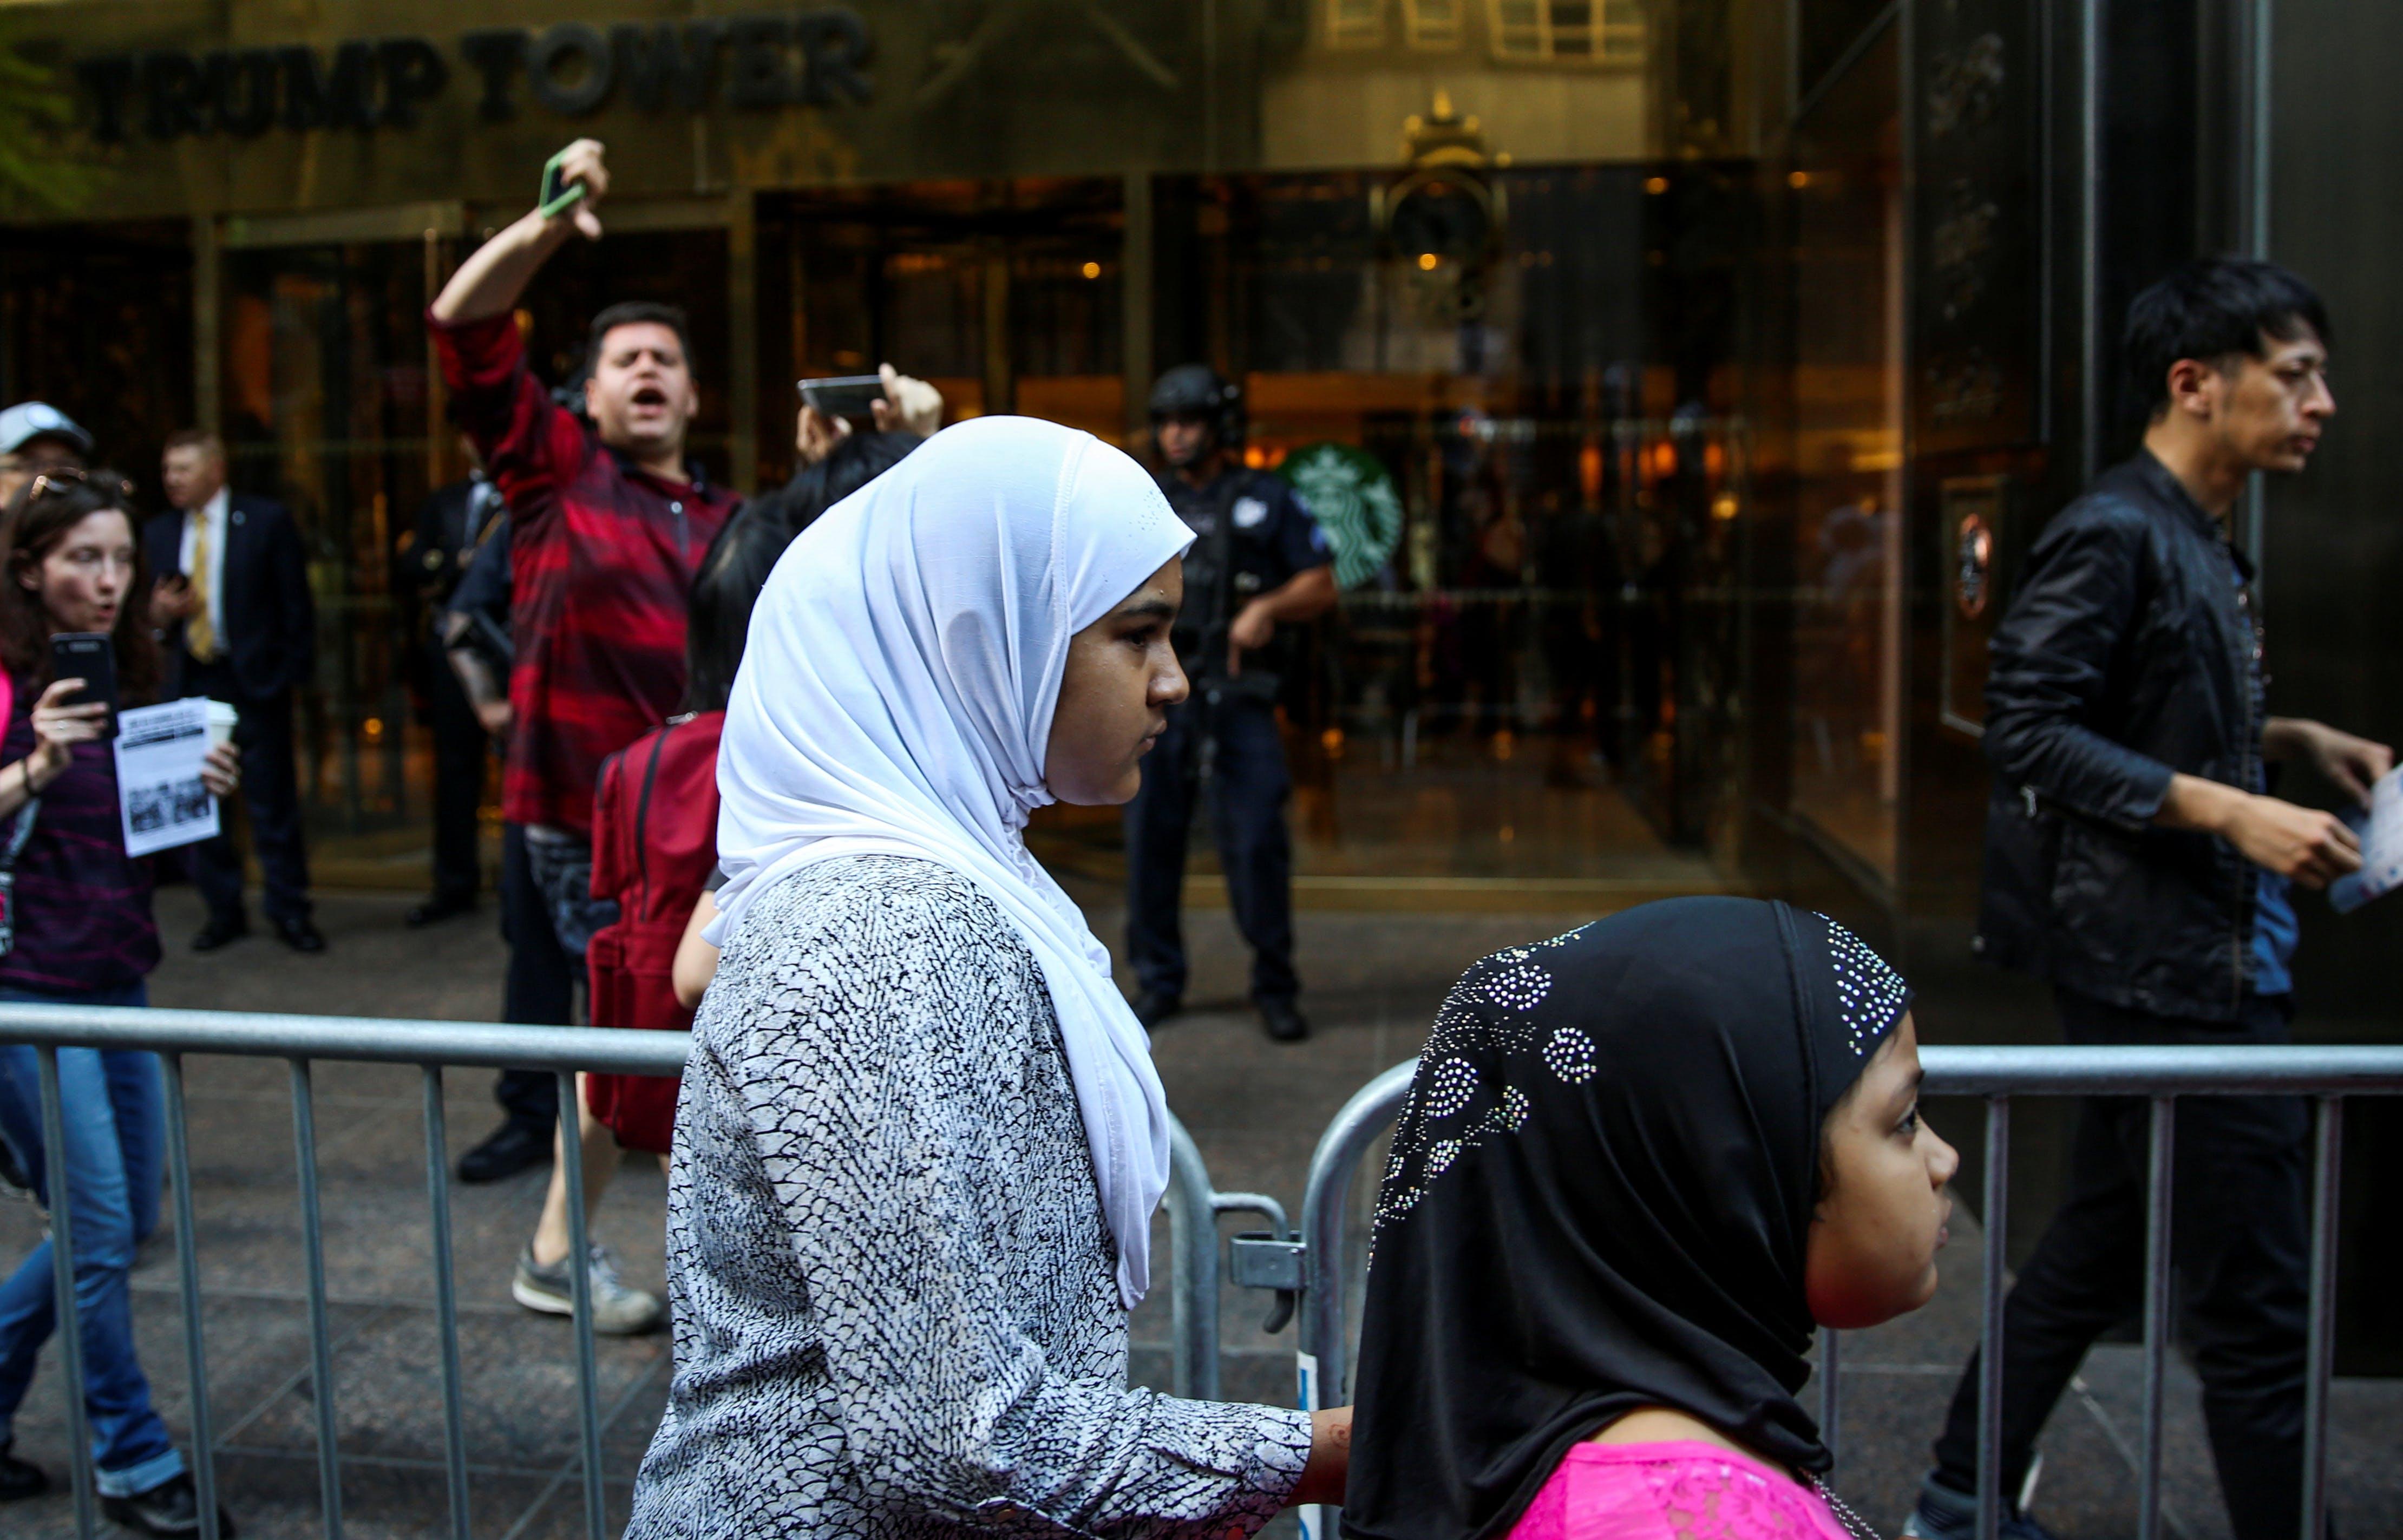 Garotas muçulmanas em hijabs passam por um homem, enquanto ele grita e desiste de ativistas (não retratados) protestando do lado de fora da Trump Tower contra a decisão da Suprema Corte dos EUA de reviver partes de uma proibição de viagem de pessoas de seis países de maioria muçulmana em Manhattan, Nova York, EUA, 26 de junho de 2017. REUTERS / Amr Alfiky - RC1DBA1B62A0